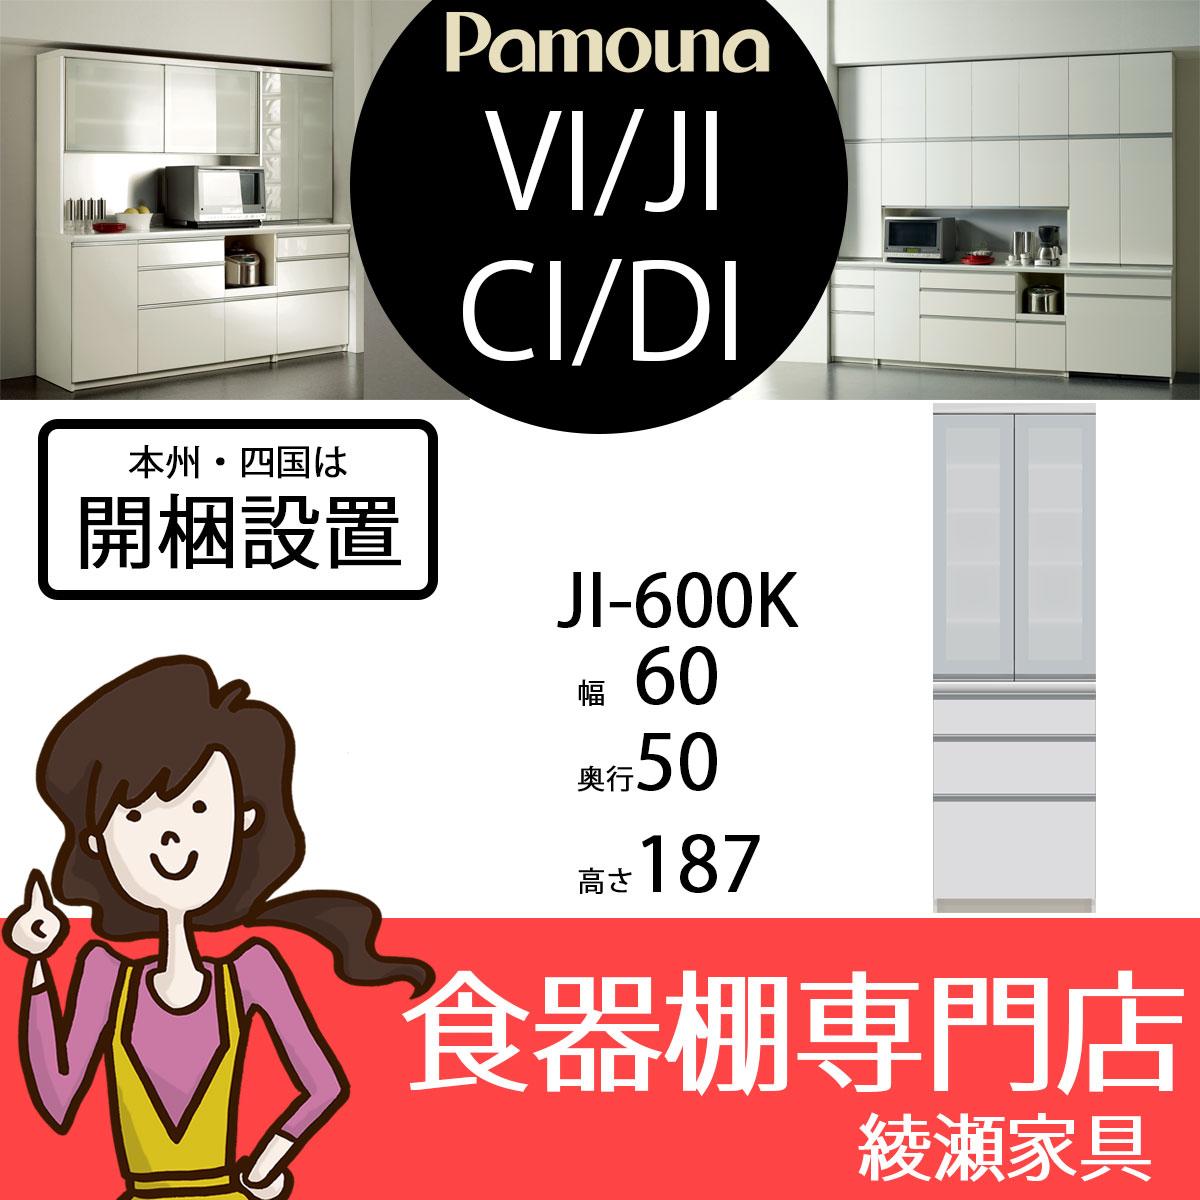 パモウナ 食器棚 完成品 【幅60×奥行50×高さ187cm】 JI-600K VI/JI CI/DI パールホワイト